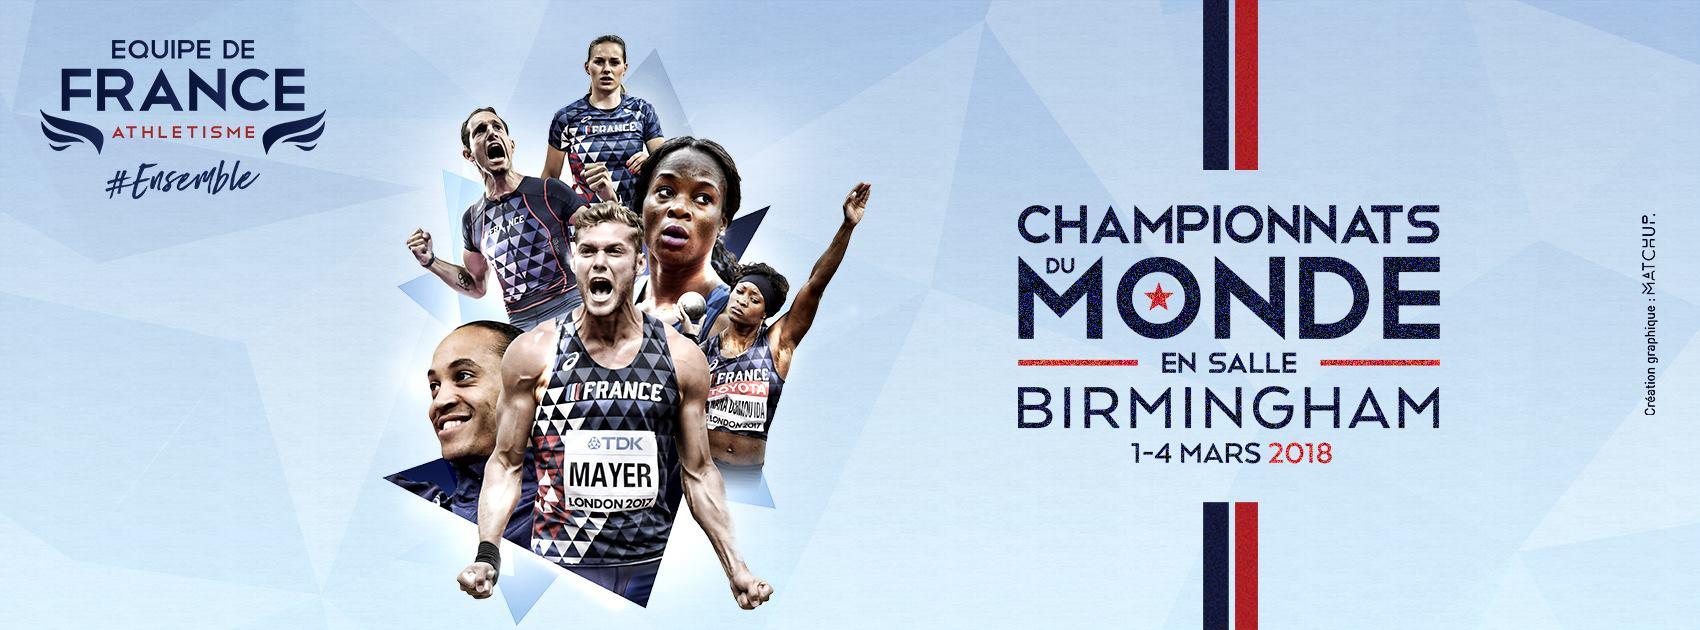 Championnats Du Monde En Salle De Birmingham Le Guide Complet